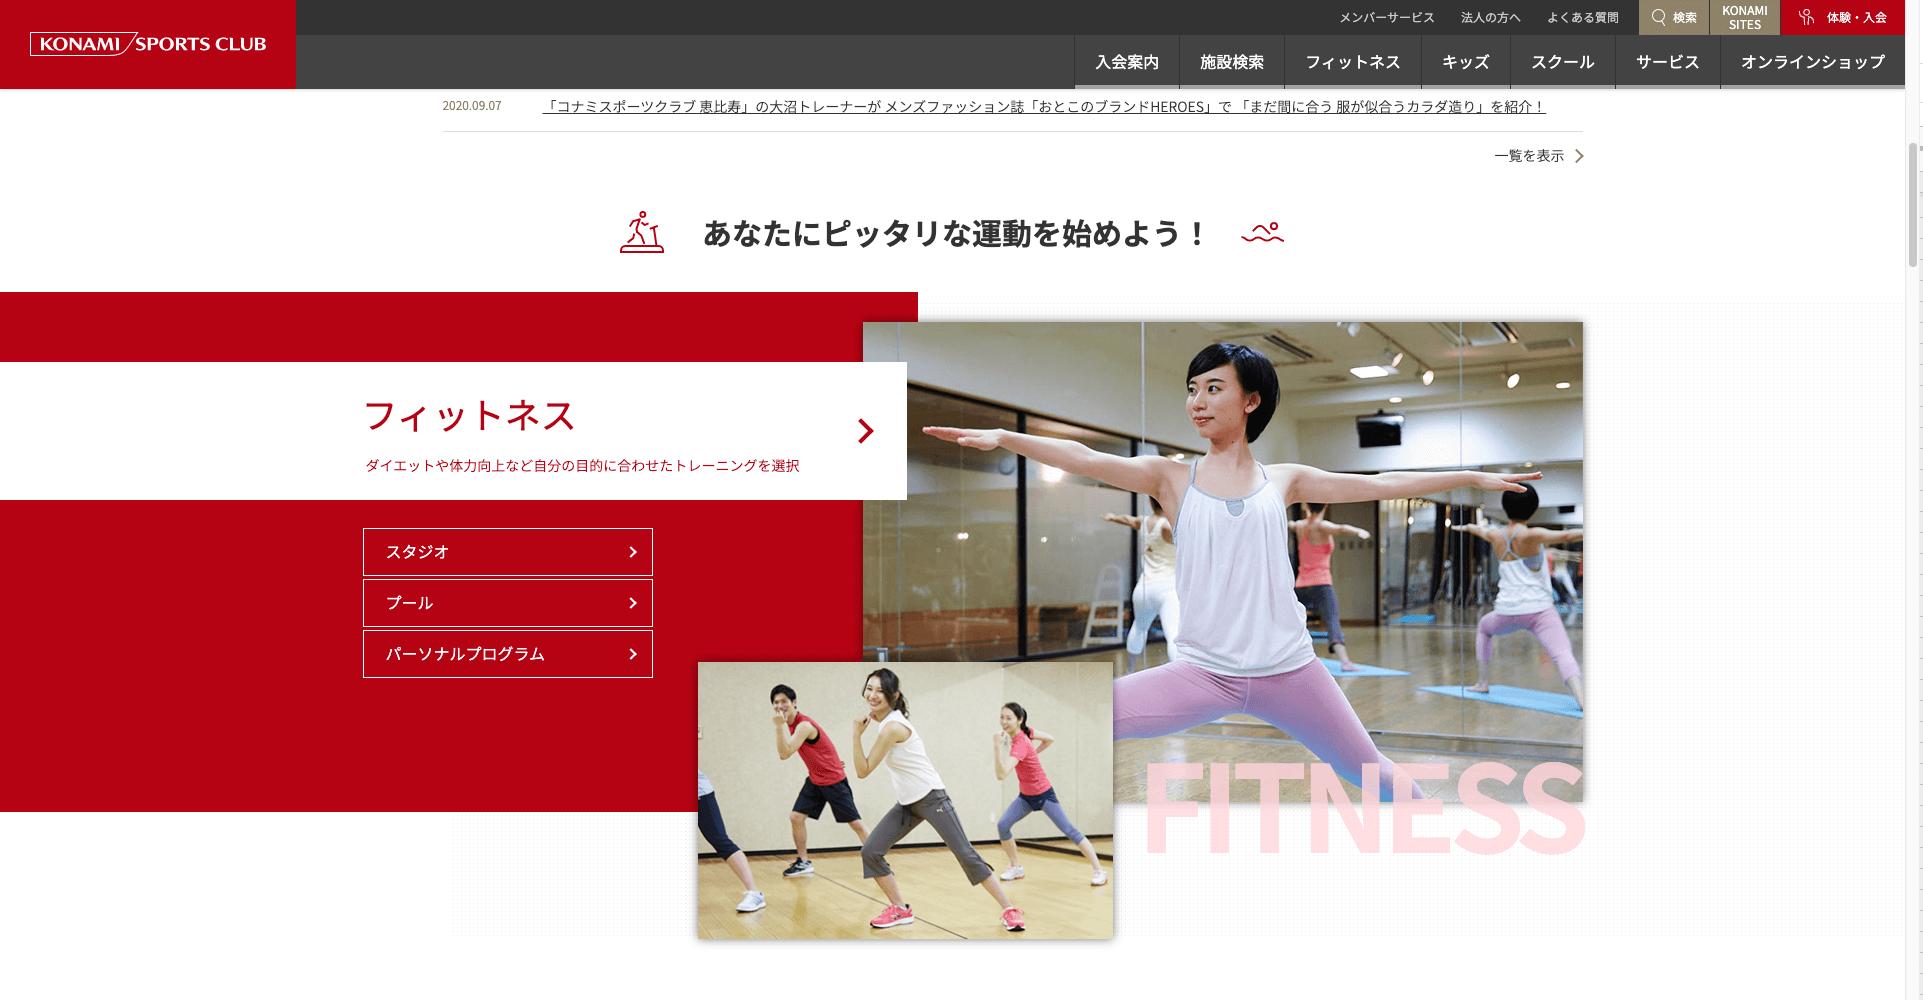 コナミスポーツクラブ大垣